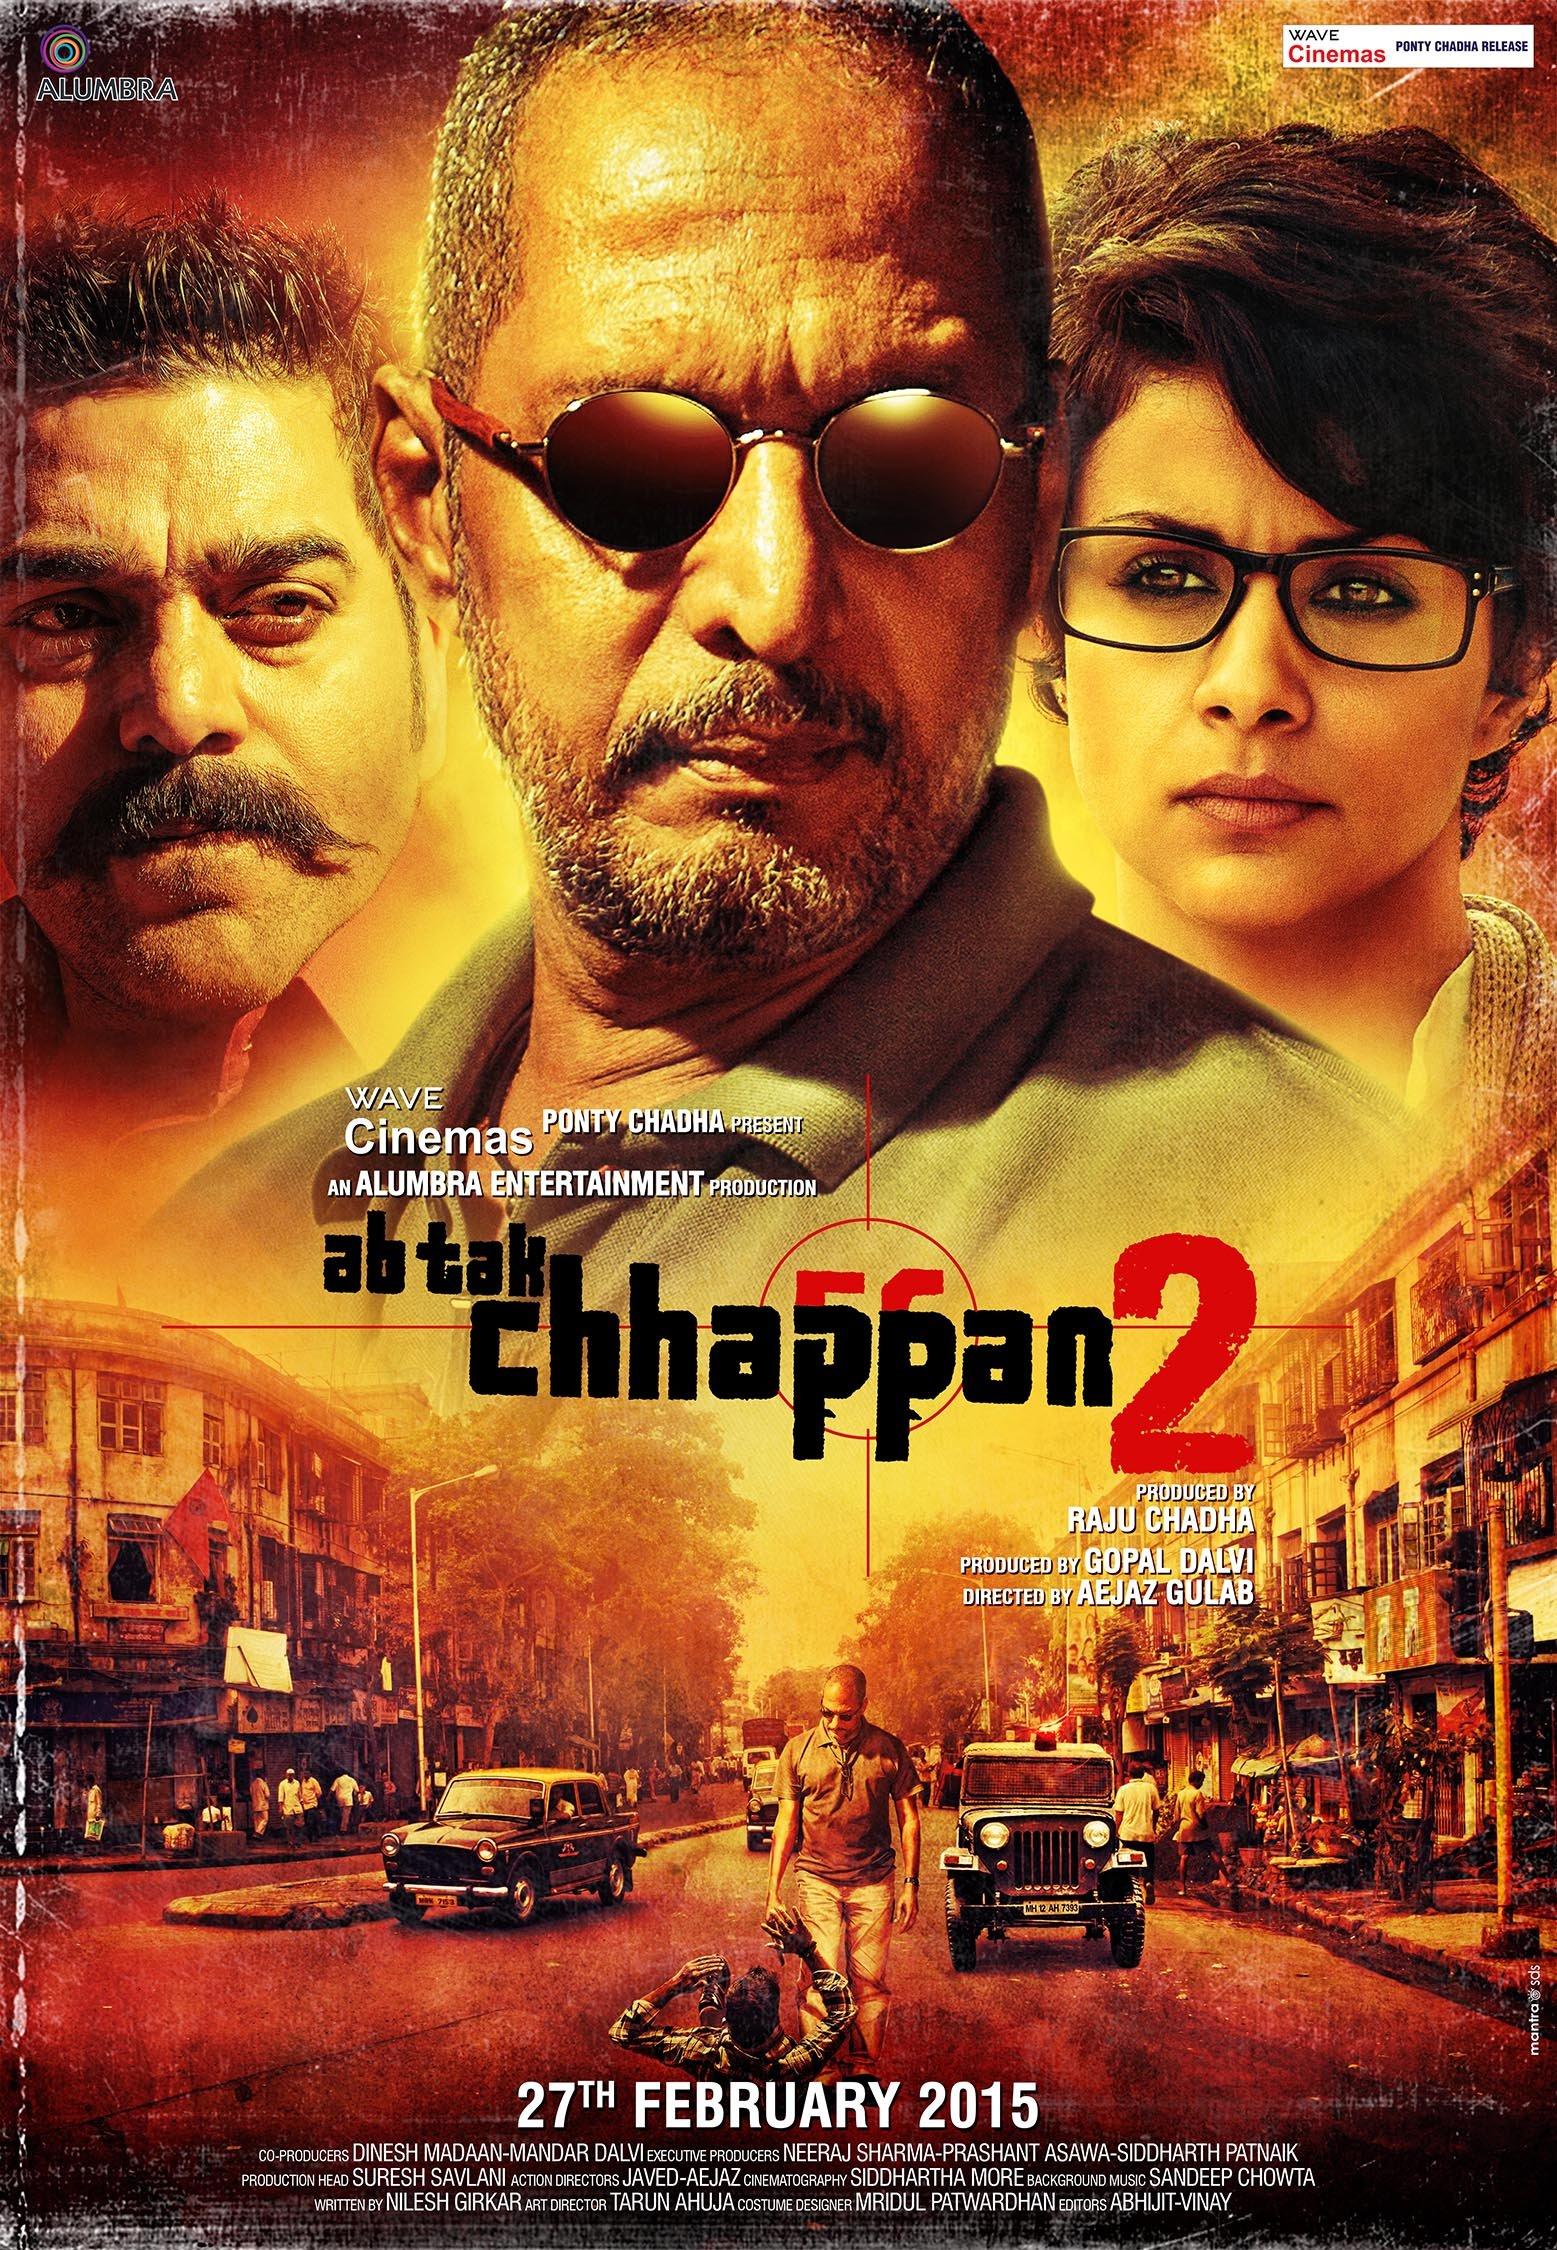 Ab Tak Chhappan 2 Movie Poster